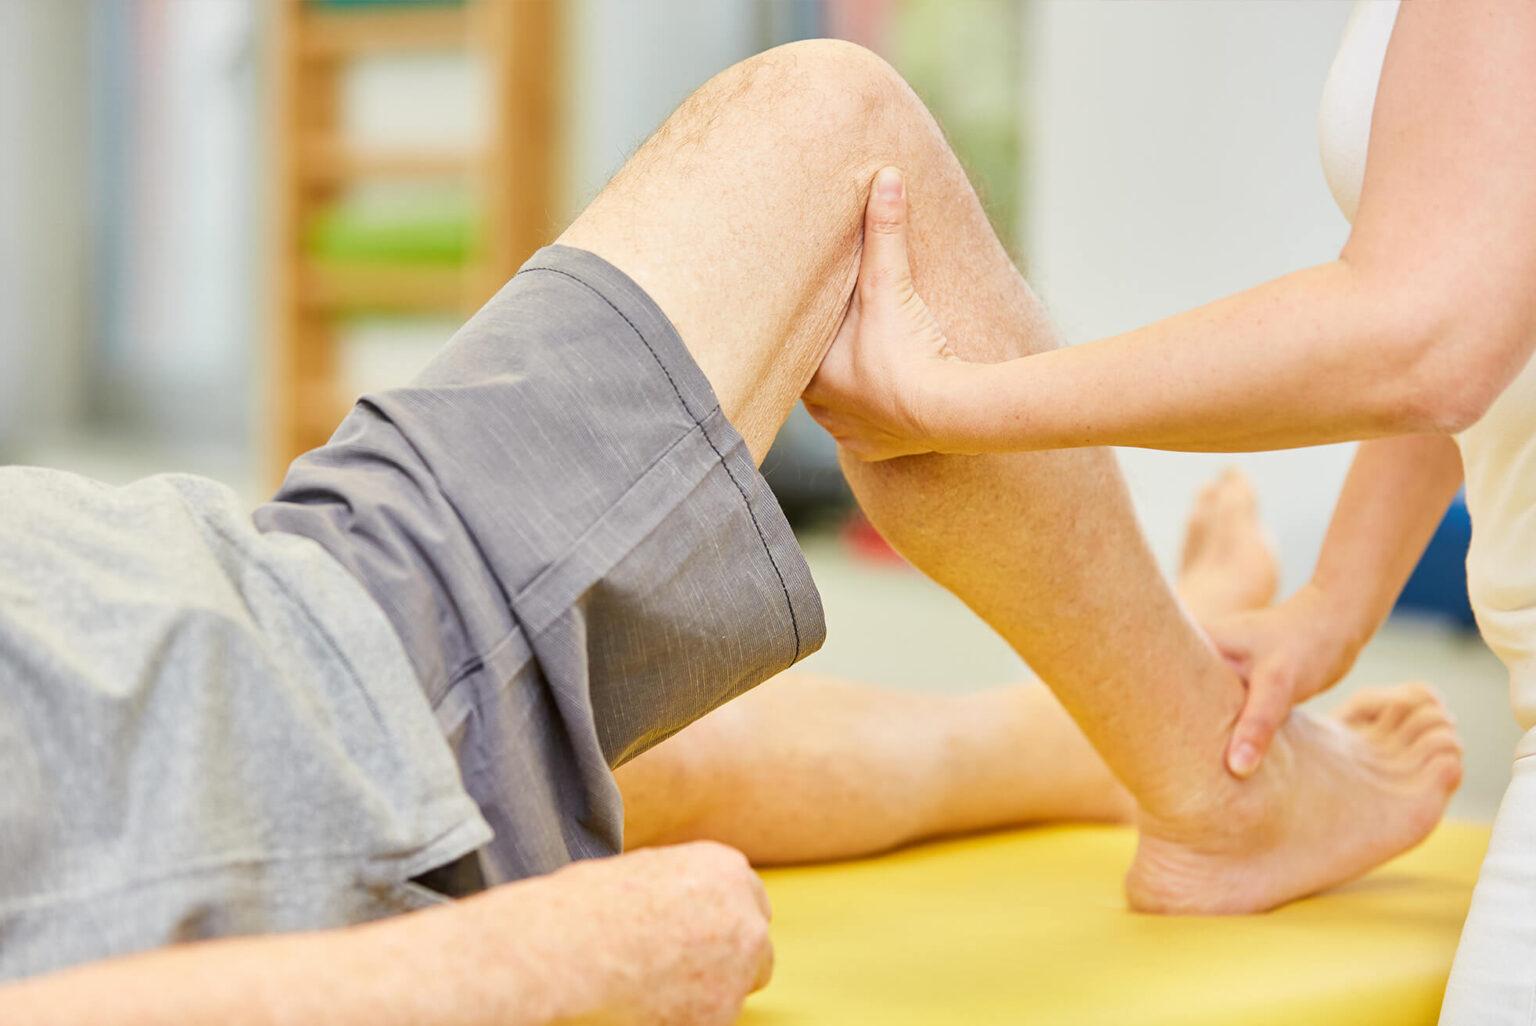 Mann liegt auf der Liege und Frau behandelt das Bein